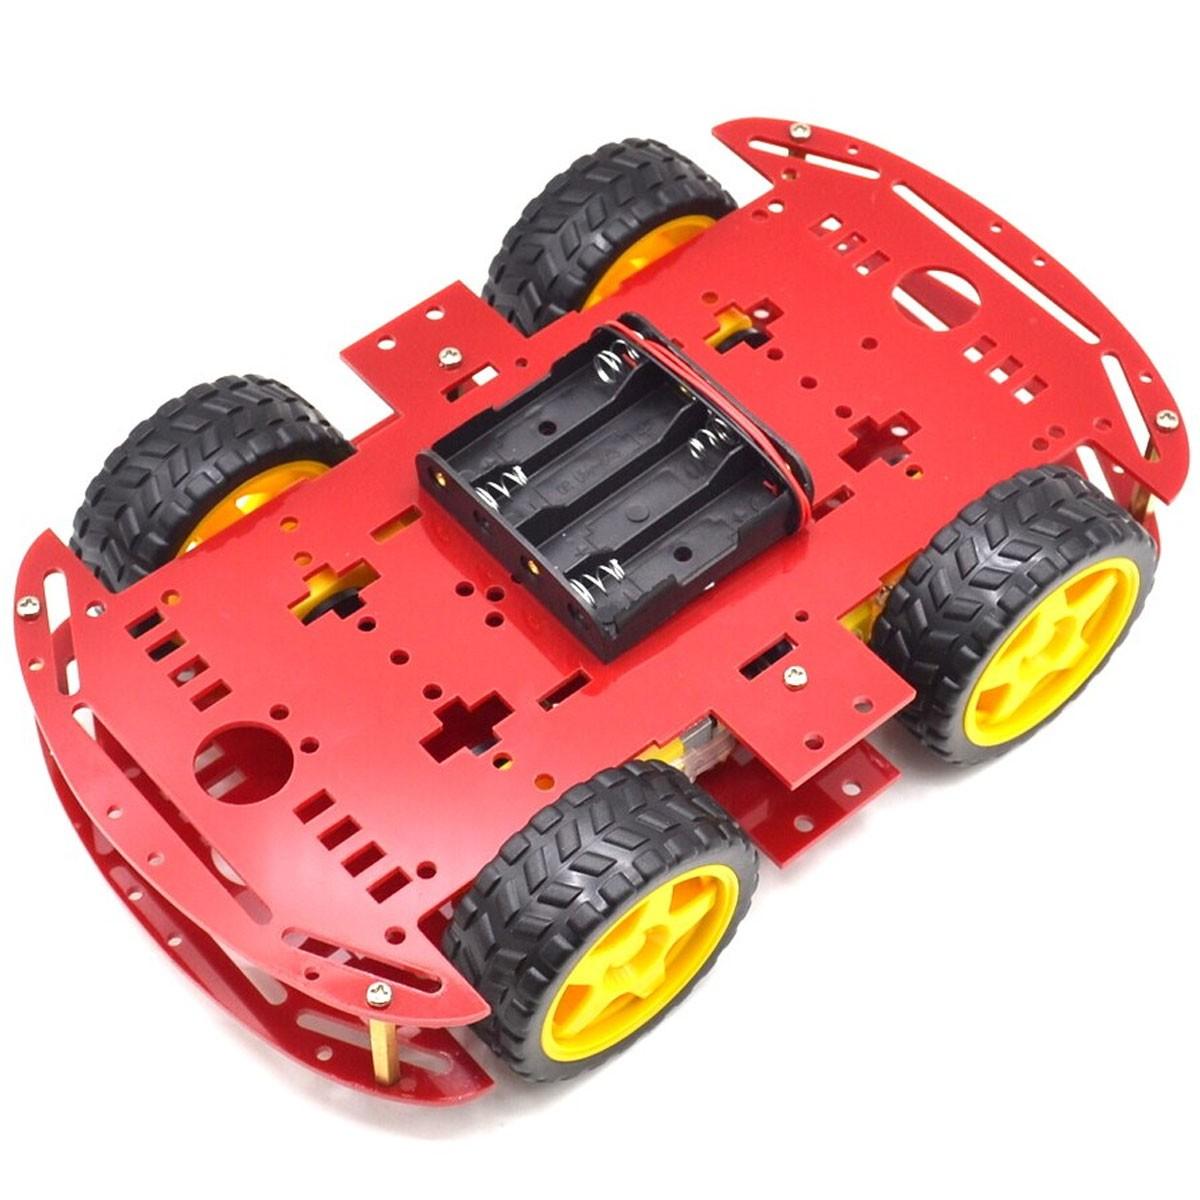 Kit Chassi 4WD 4 Rodas com Motores e Base Vermelha de Acrílico 3mm